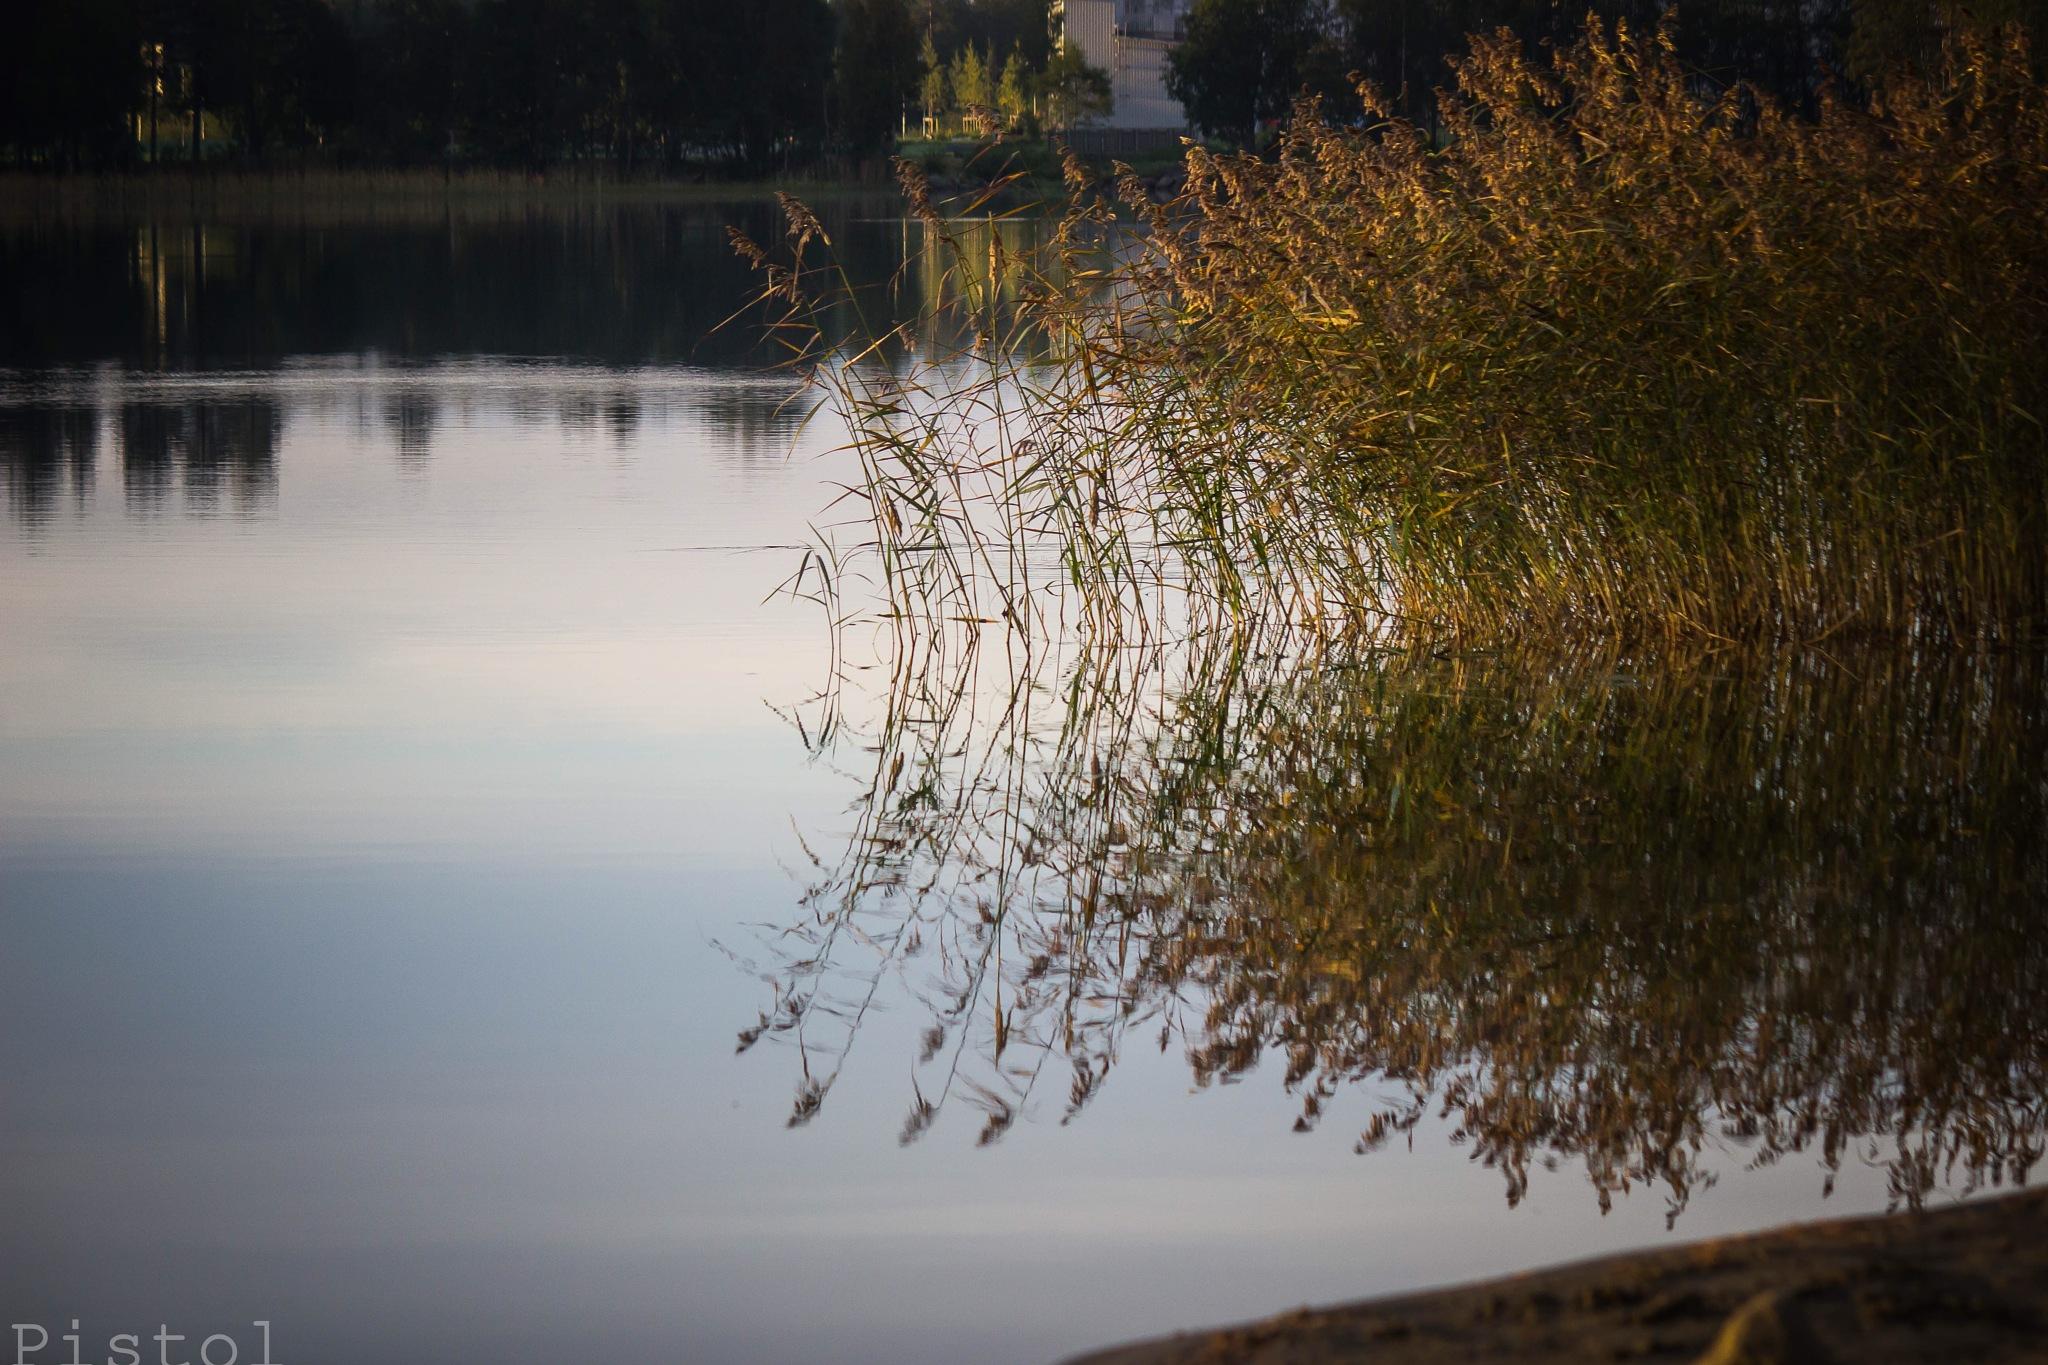 Styling Reflection by Sheku Conteh